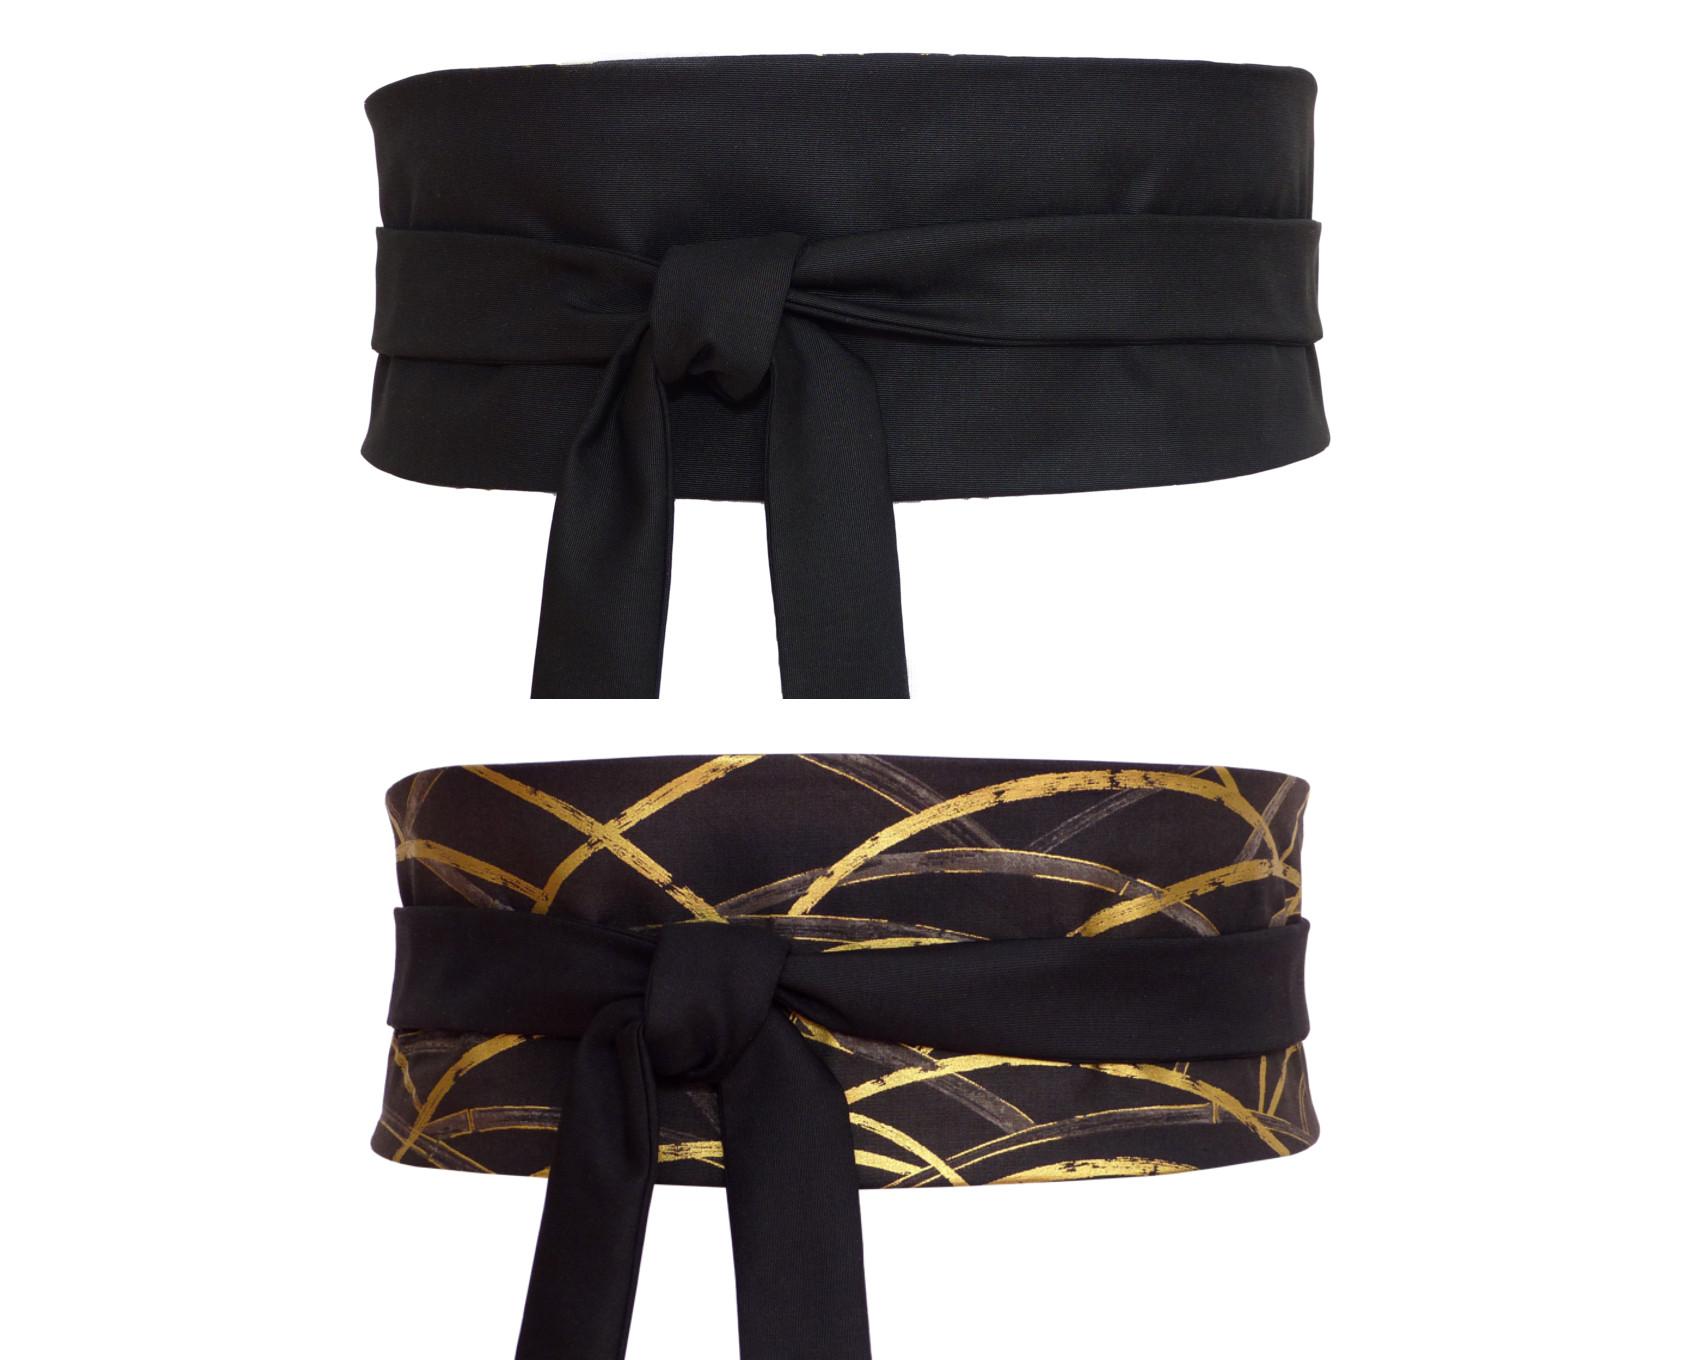 Ceinture Obi noire à nouer en soie, réversible sur un tissu japonais avec  motif de 9e4652f536d